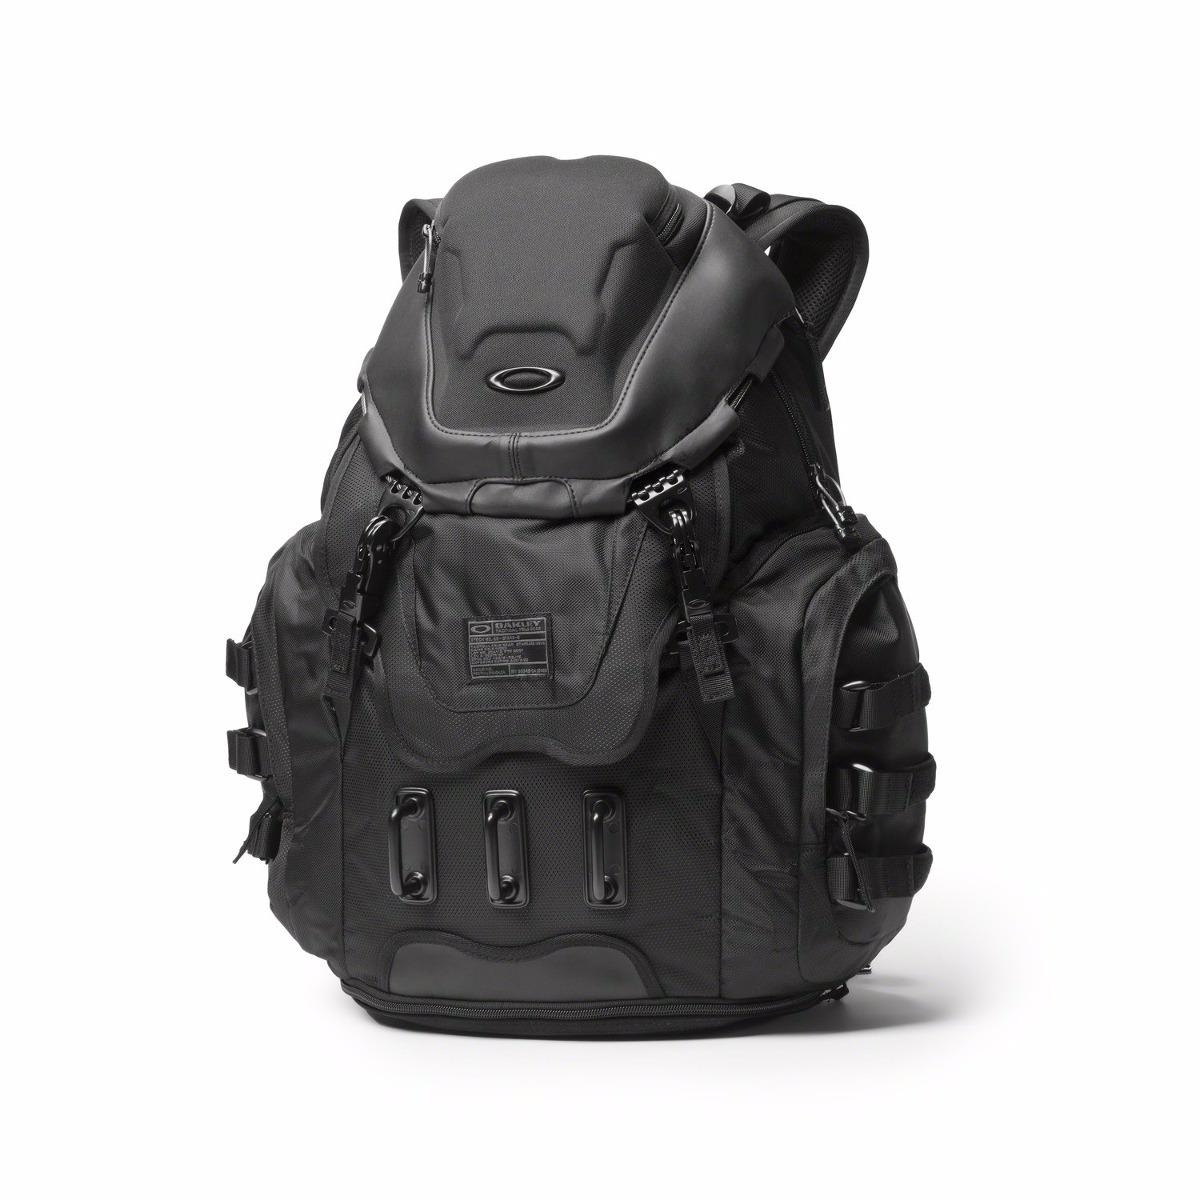 oakley kitchen sink backpack stealth black pull out shelves for morral 799